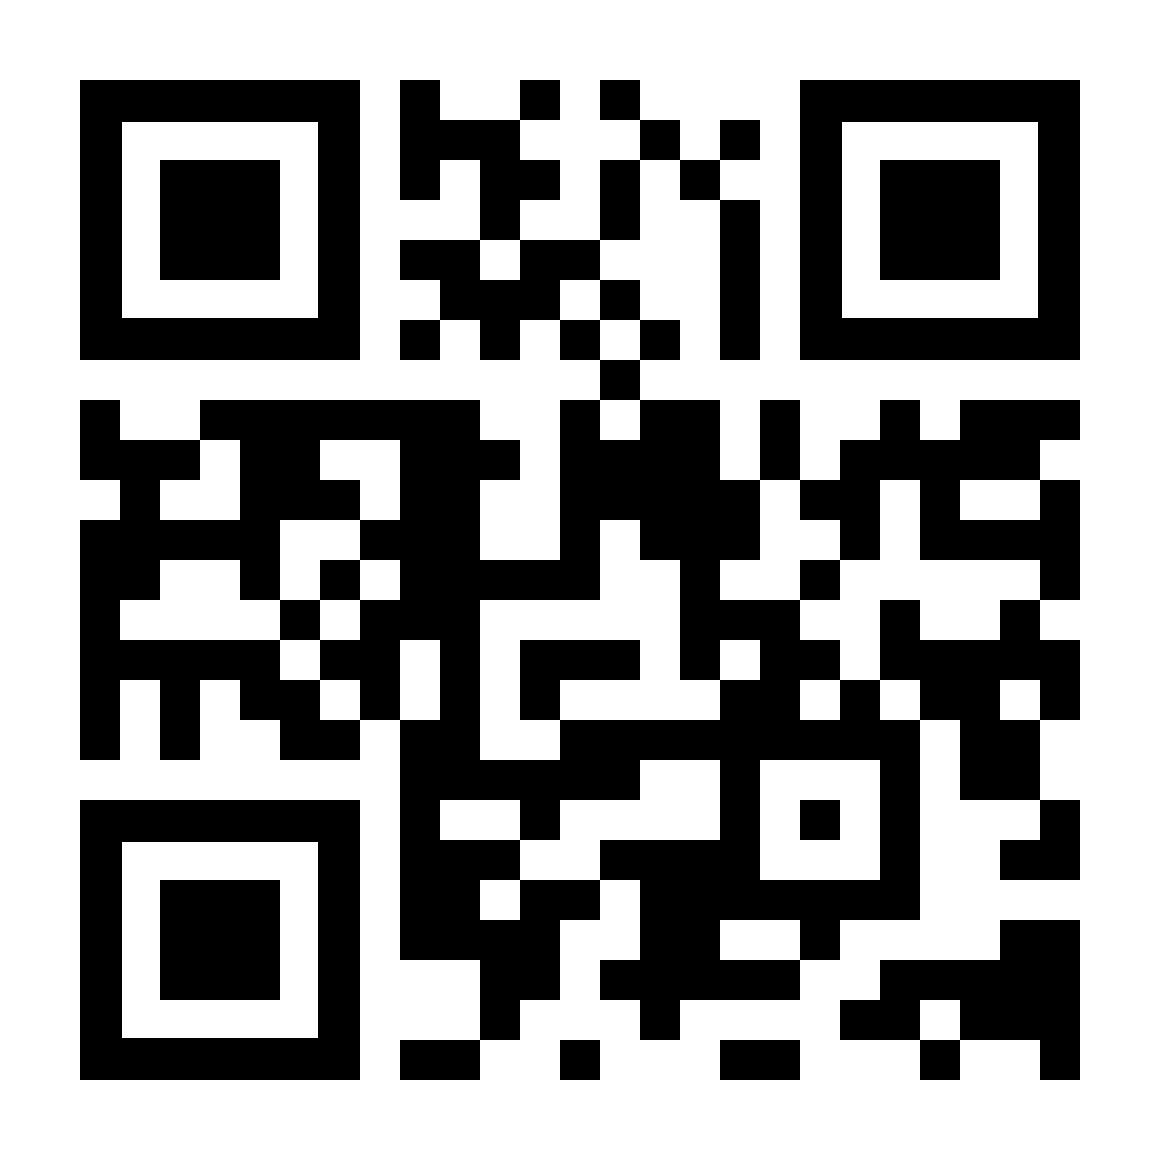 Código QR vinculado a kaspersky.es